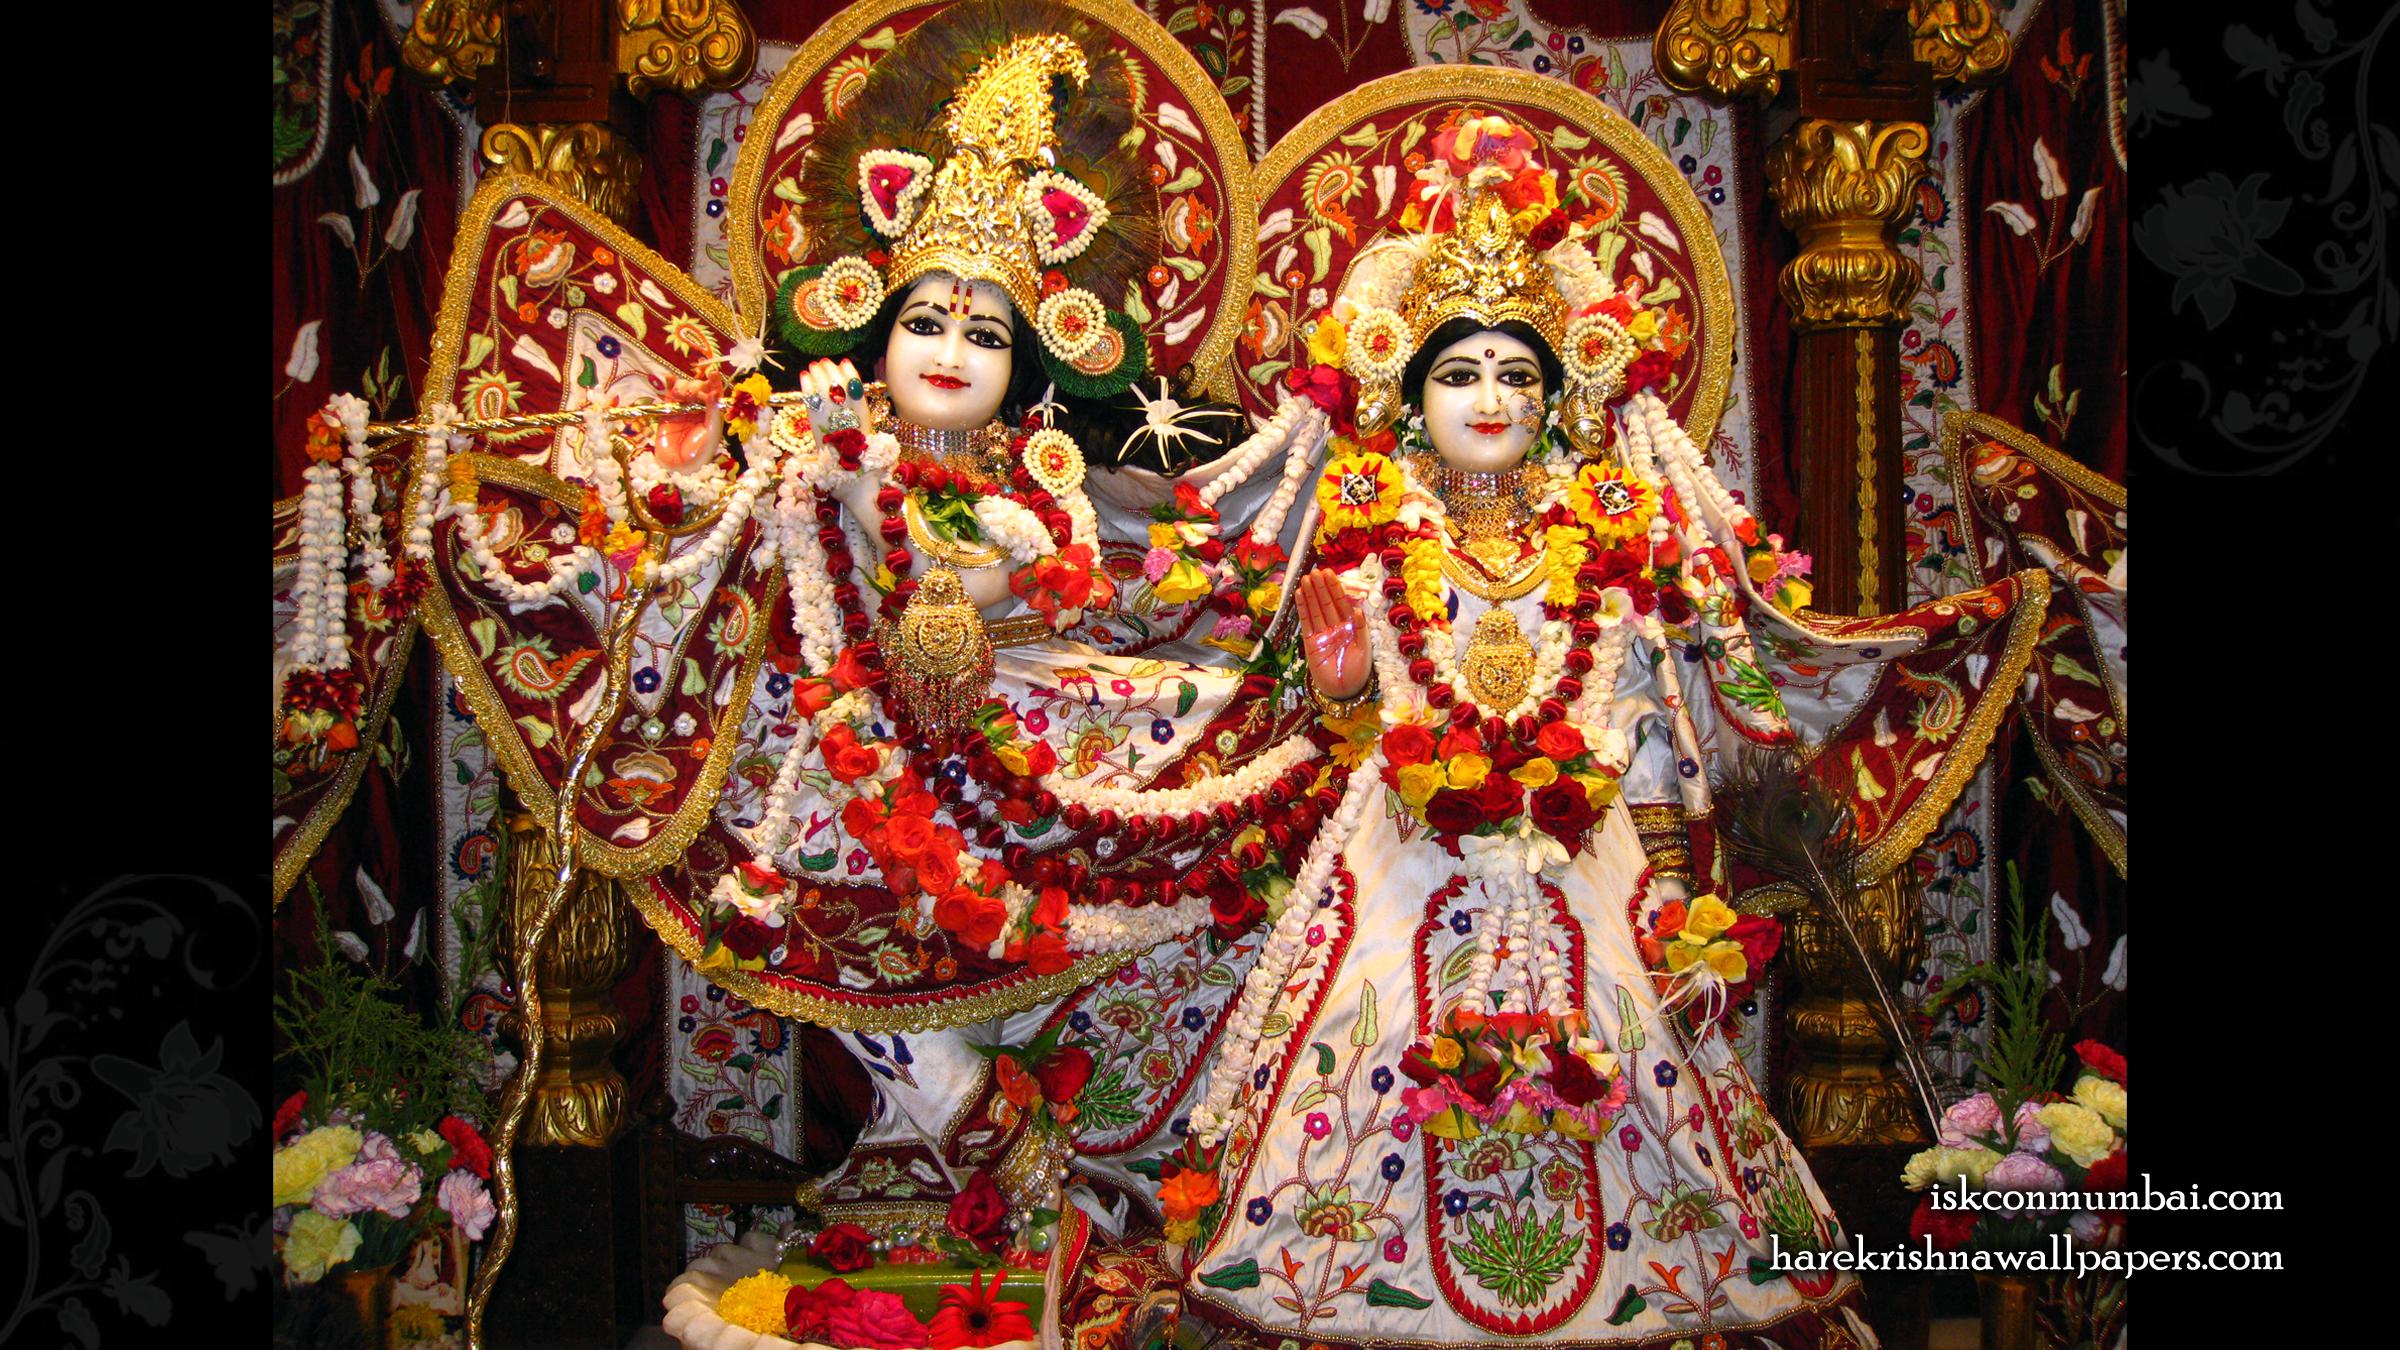 Sri Sri Radha Rasabihari Wallpaper (002) Size 2400x1350 Download